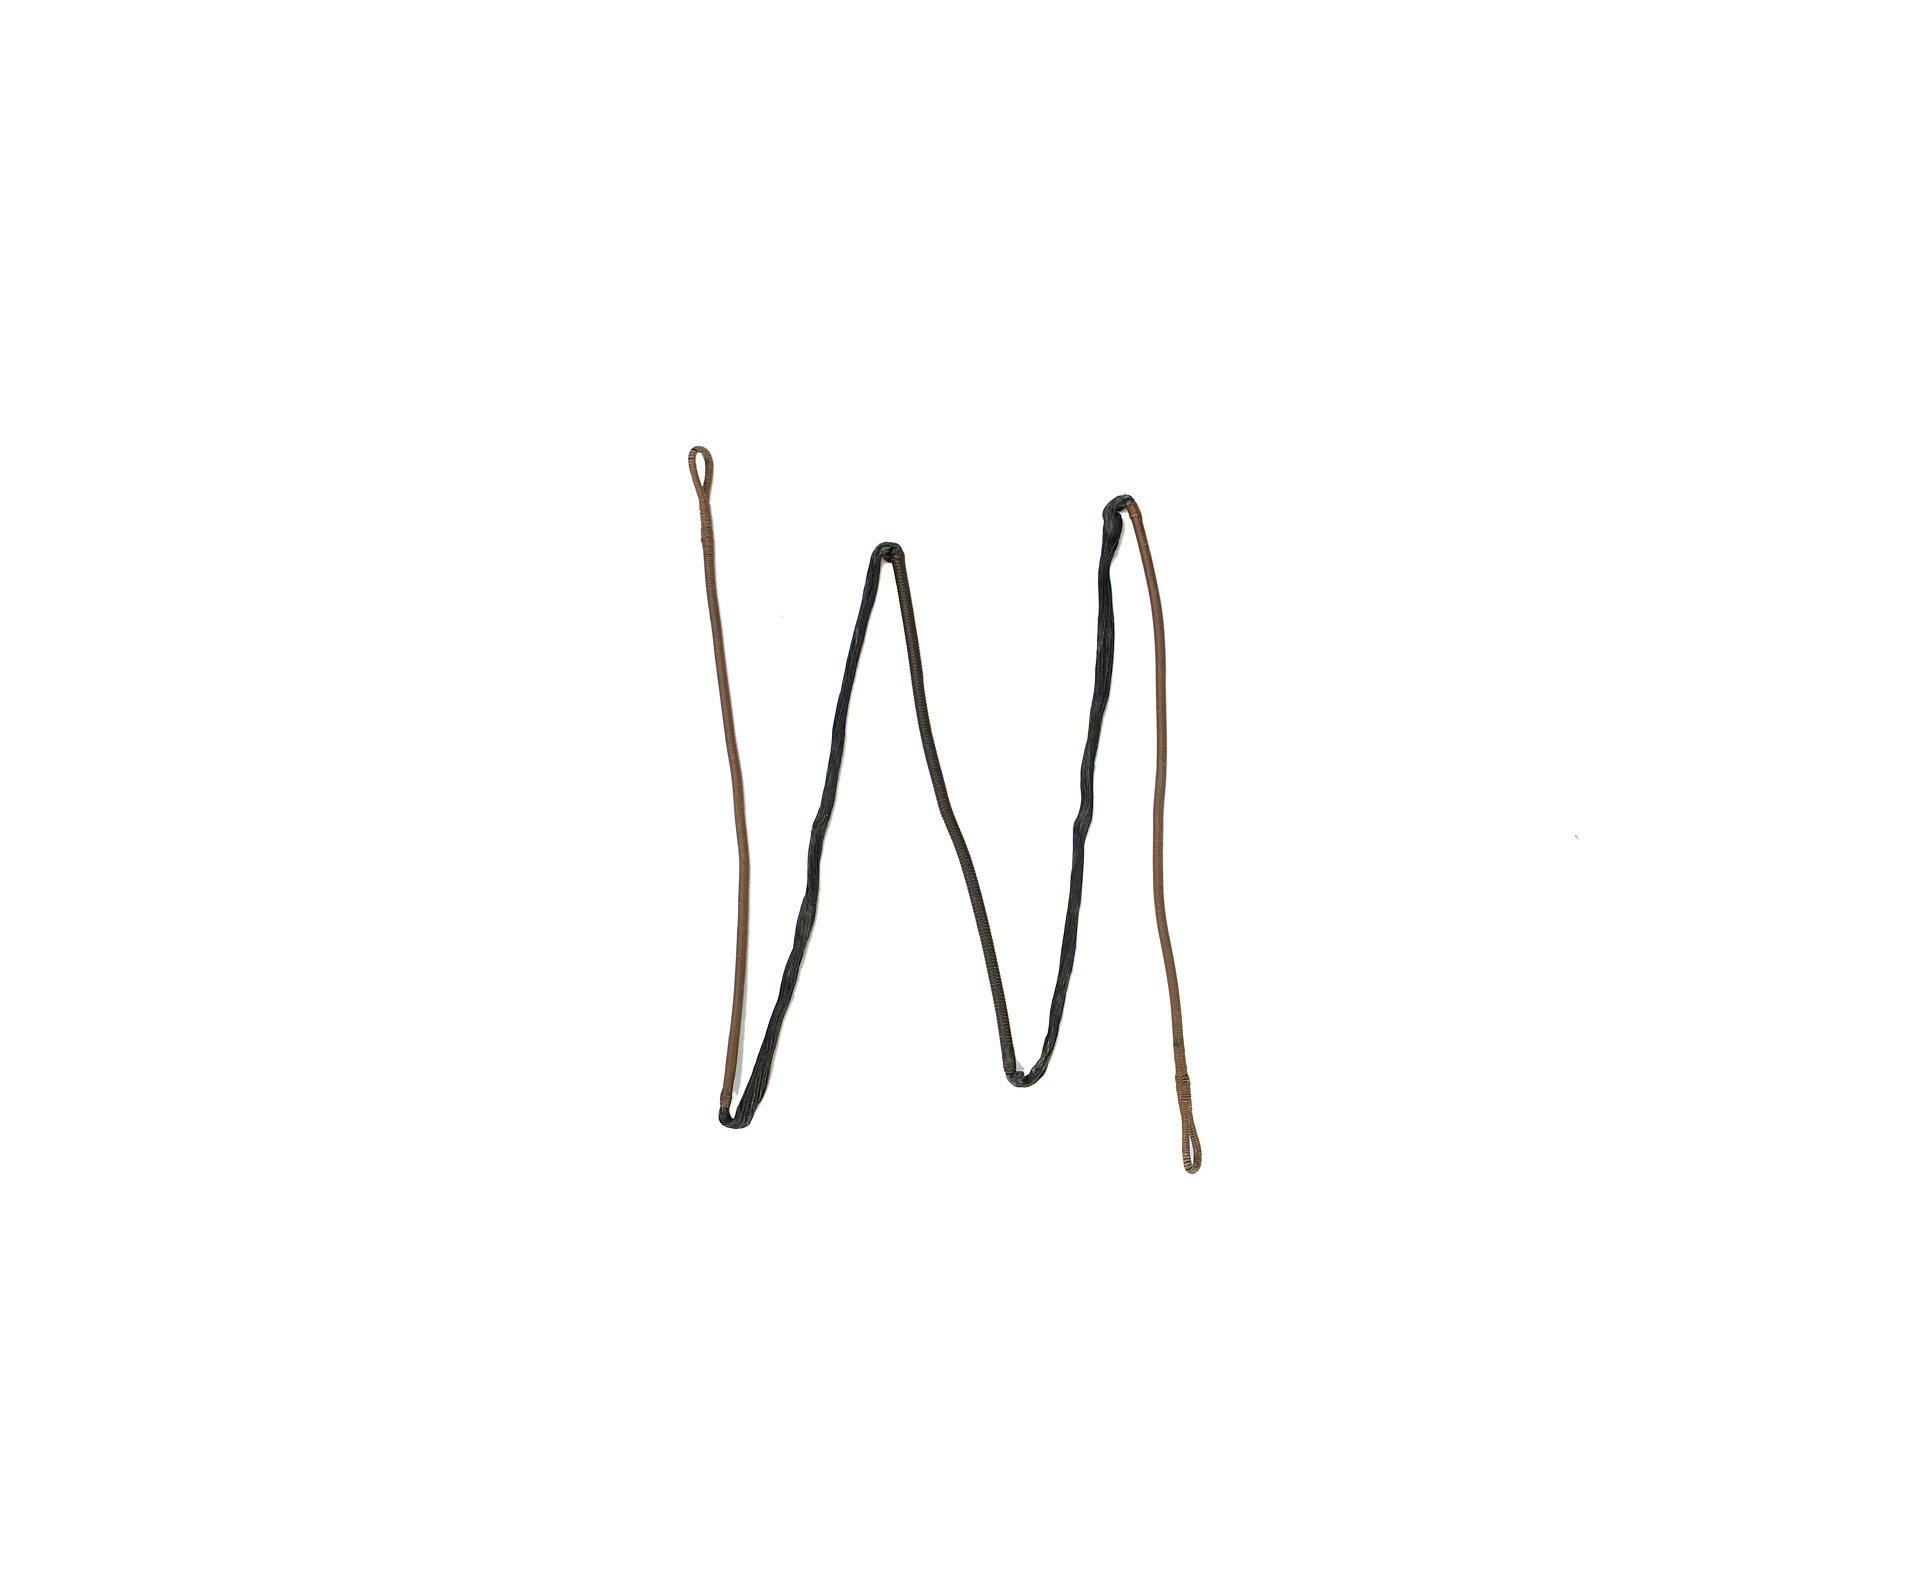 Corda(string) Para Balestra Composta Série 300 - 175 Libras - Man Kung